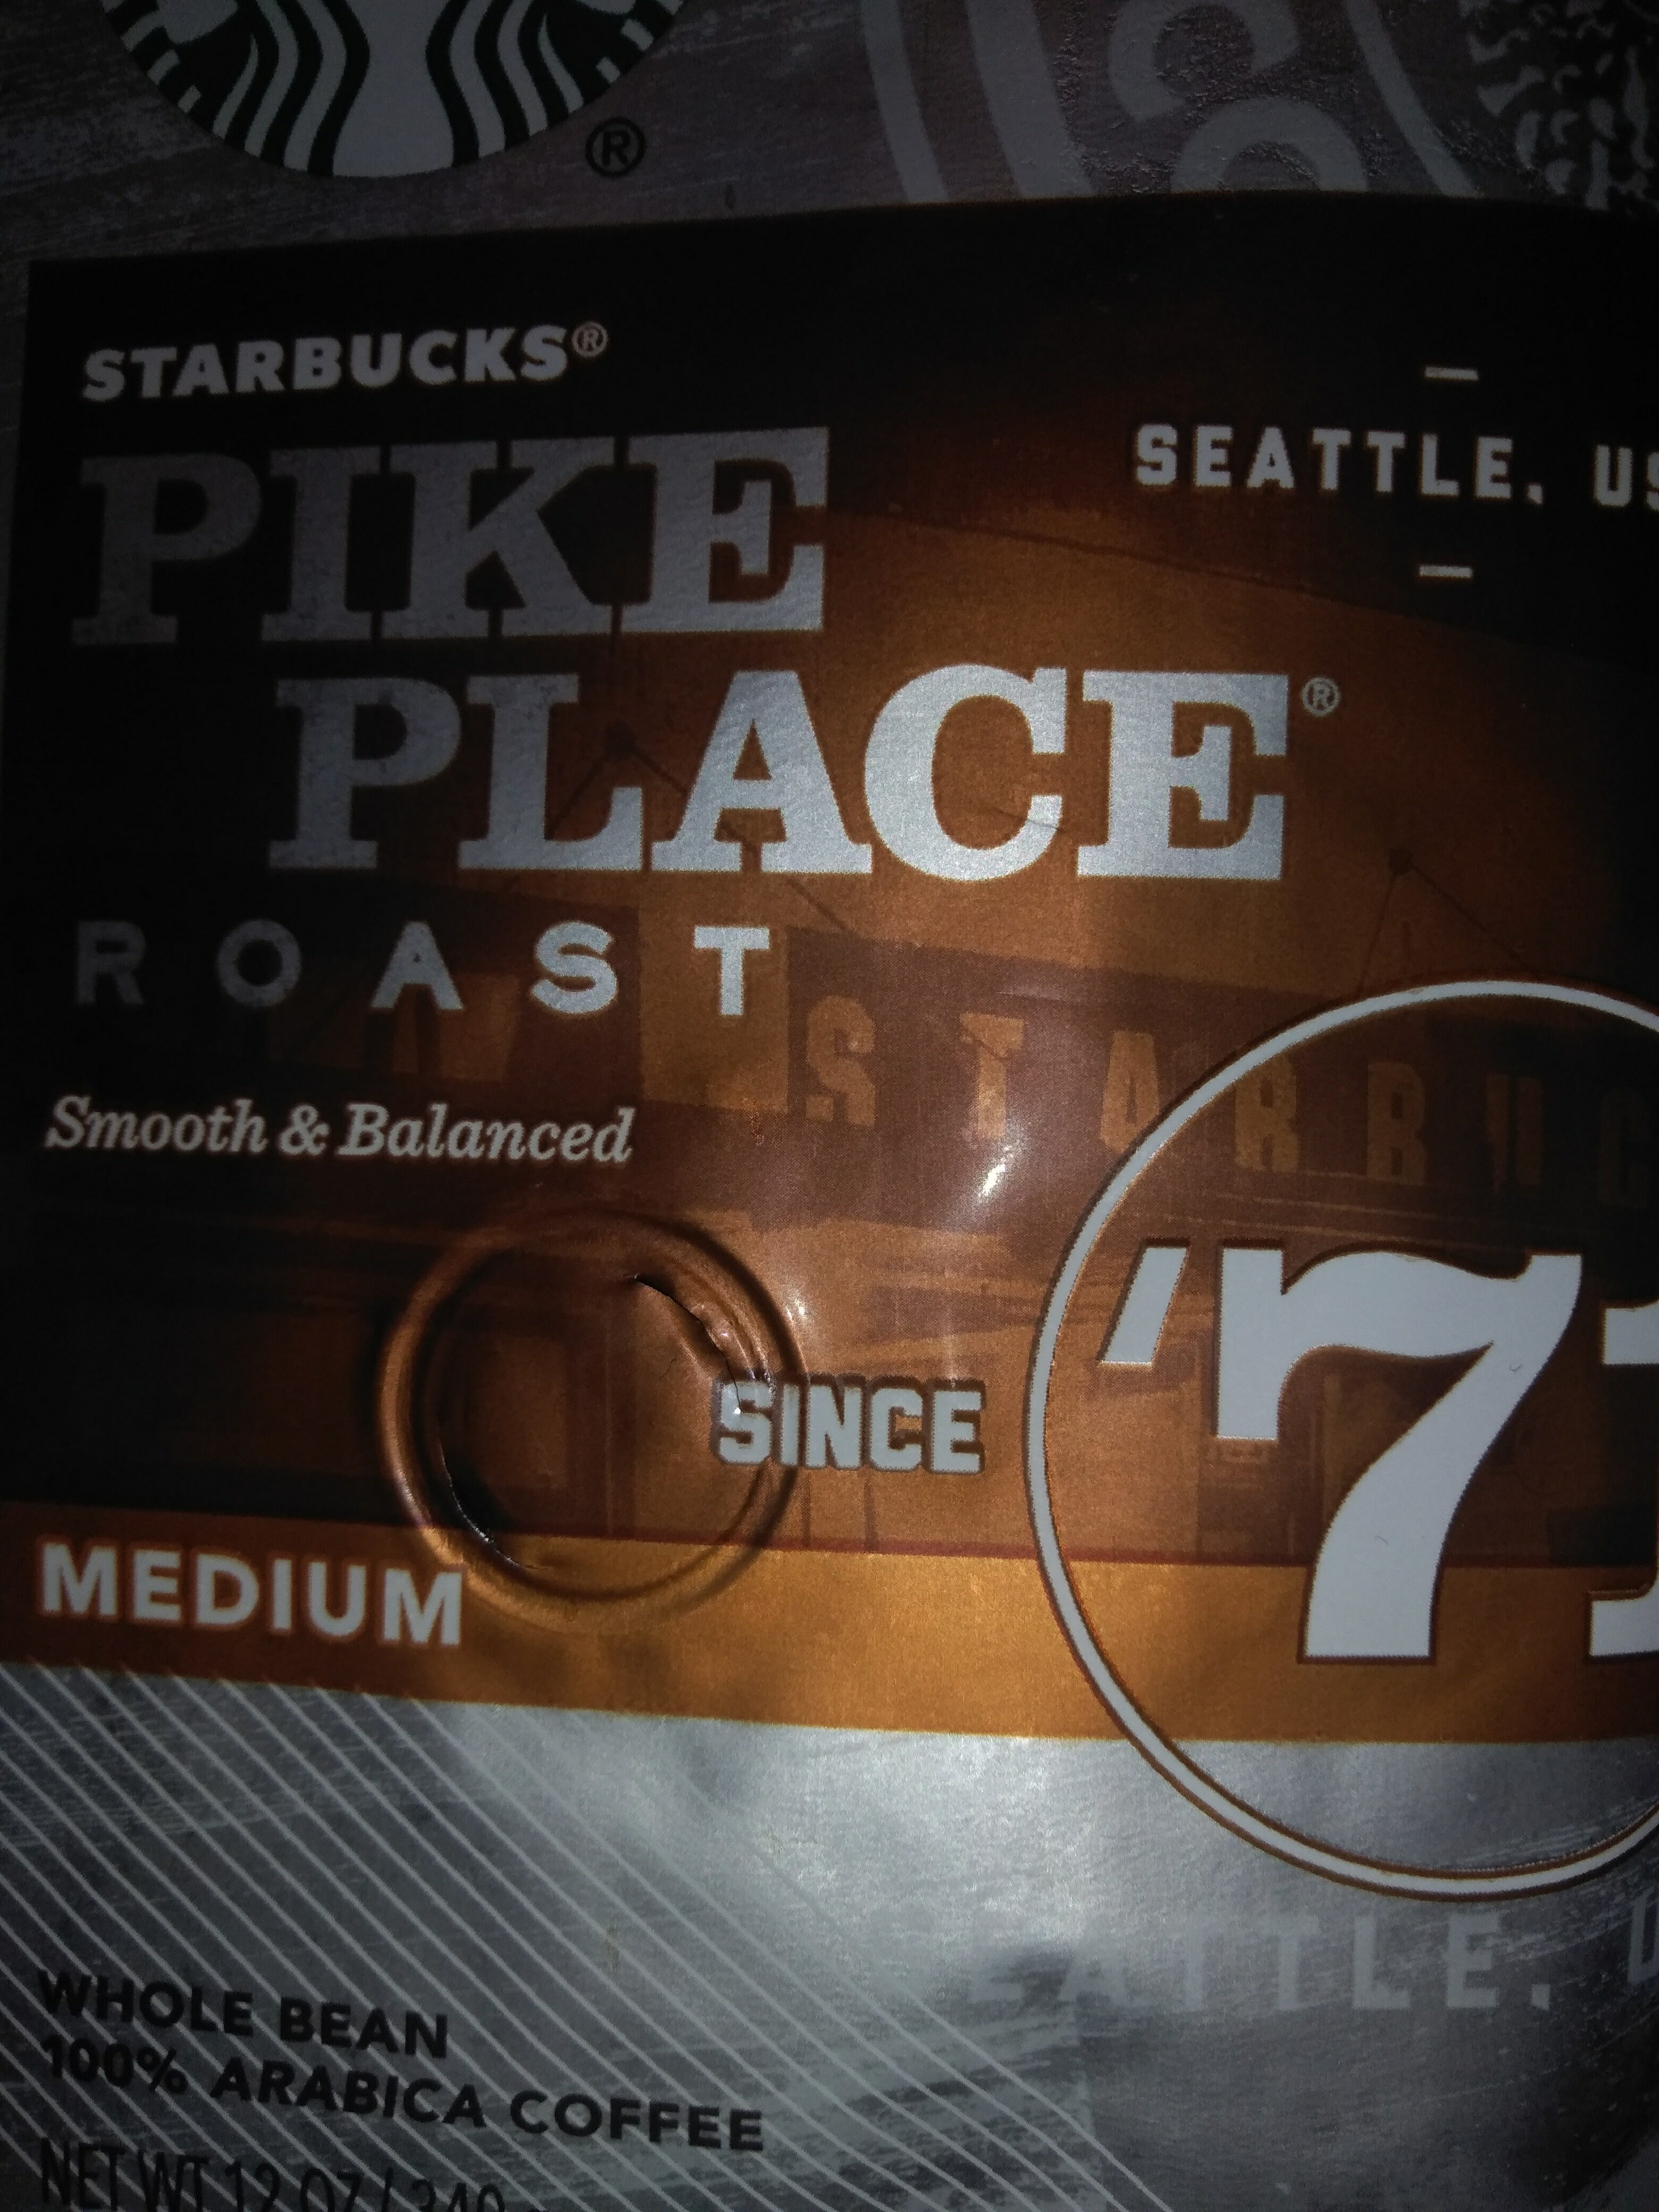 Pike Place roast - Product - en